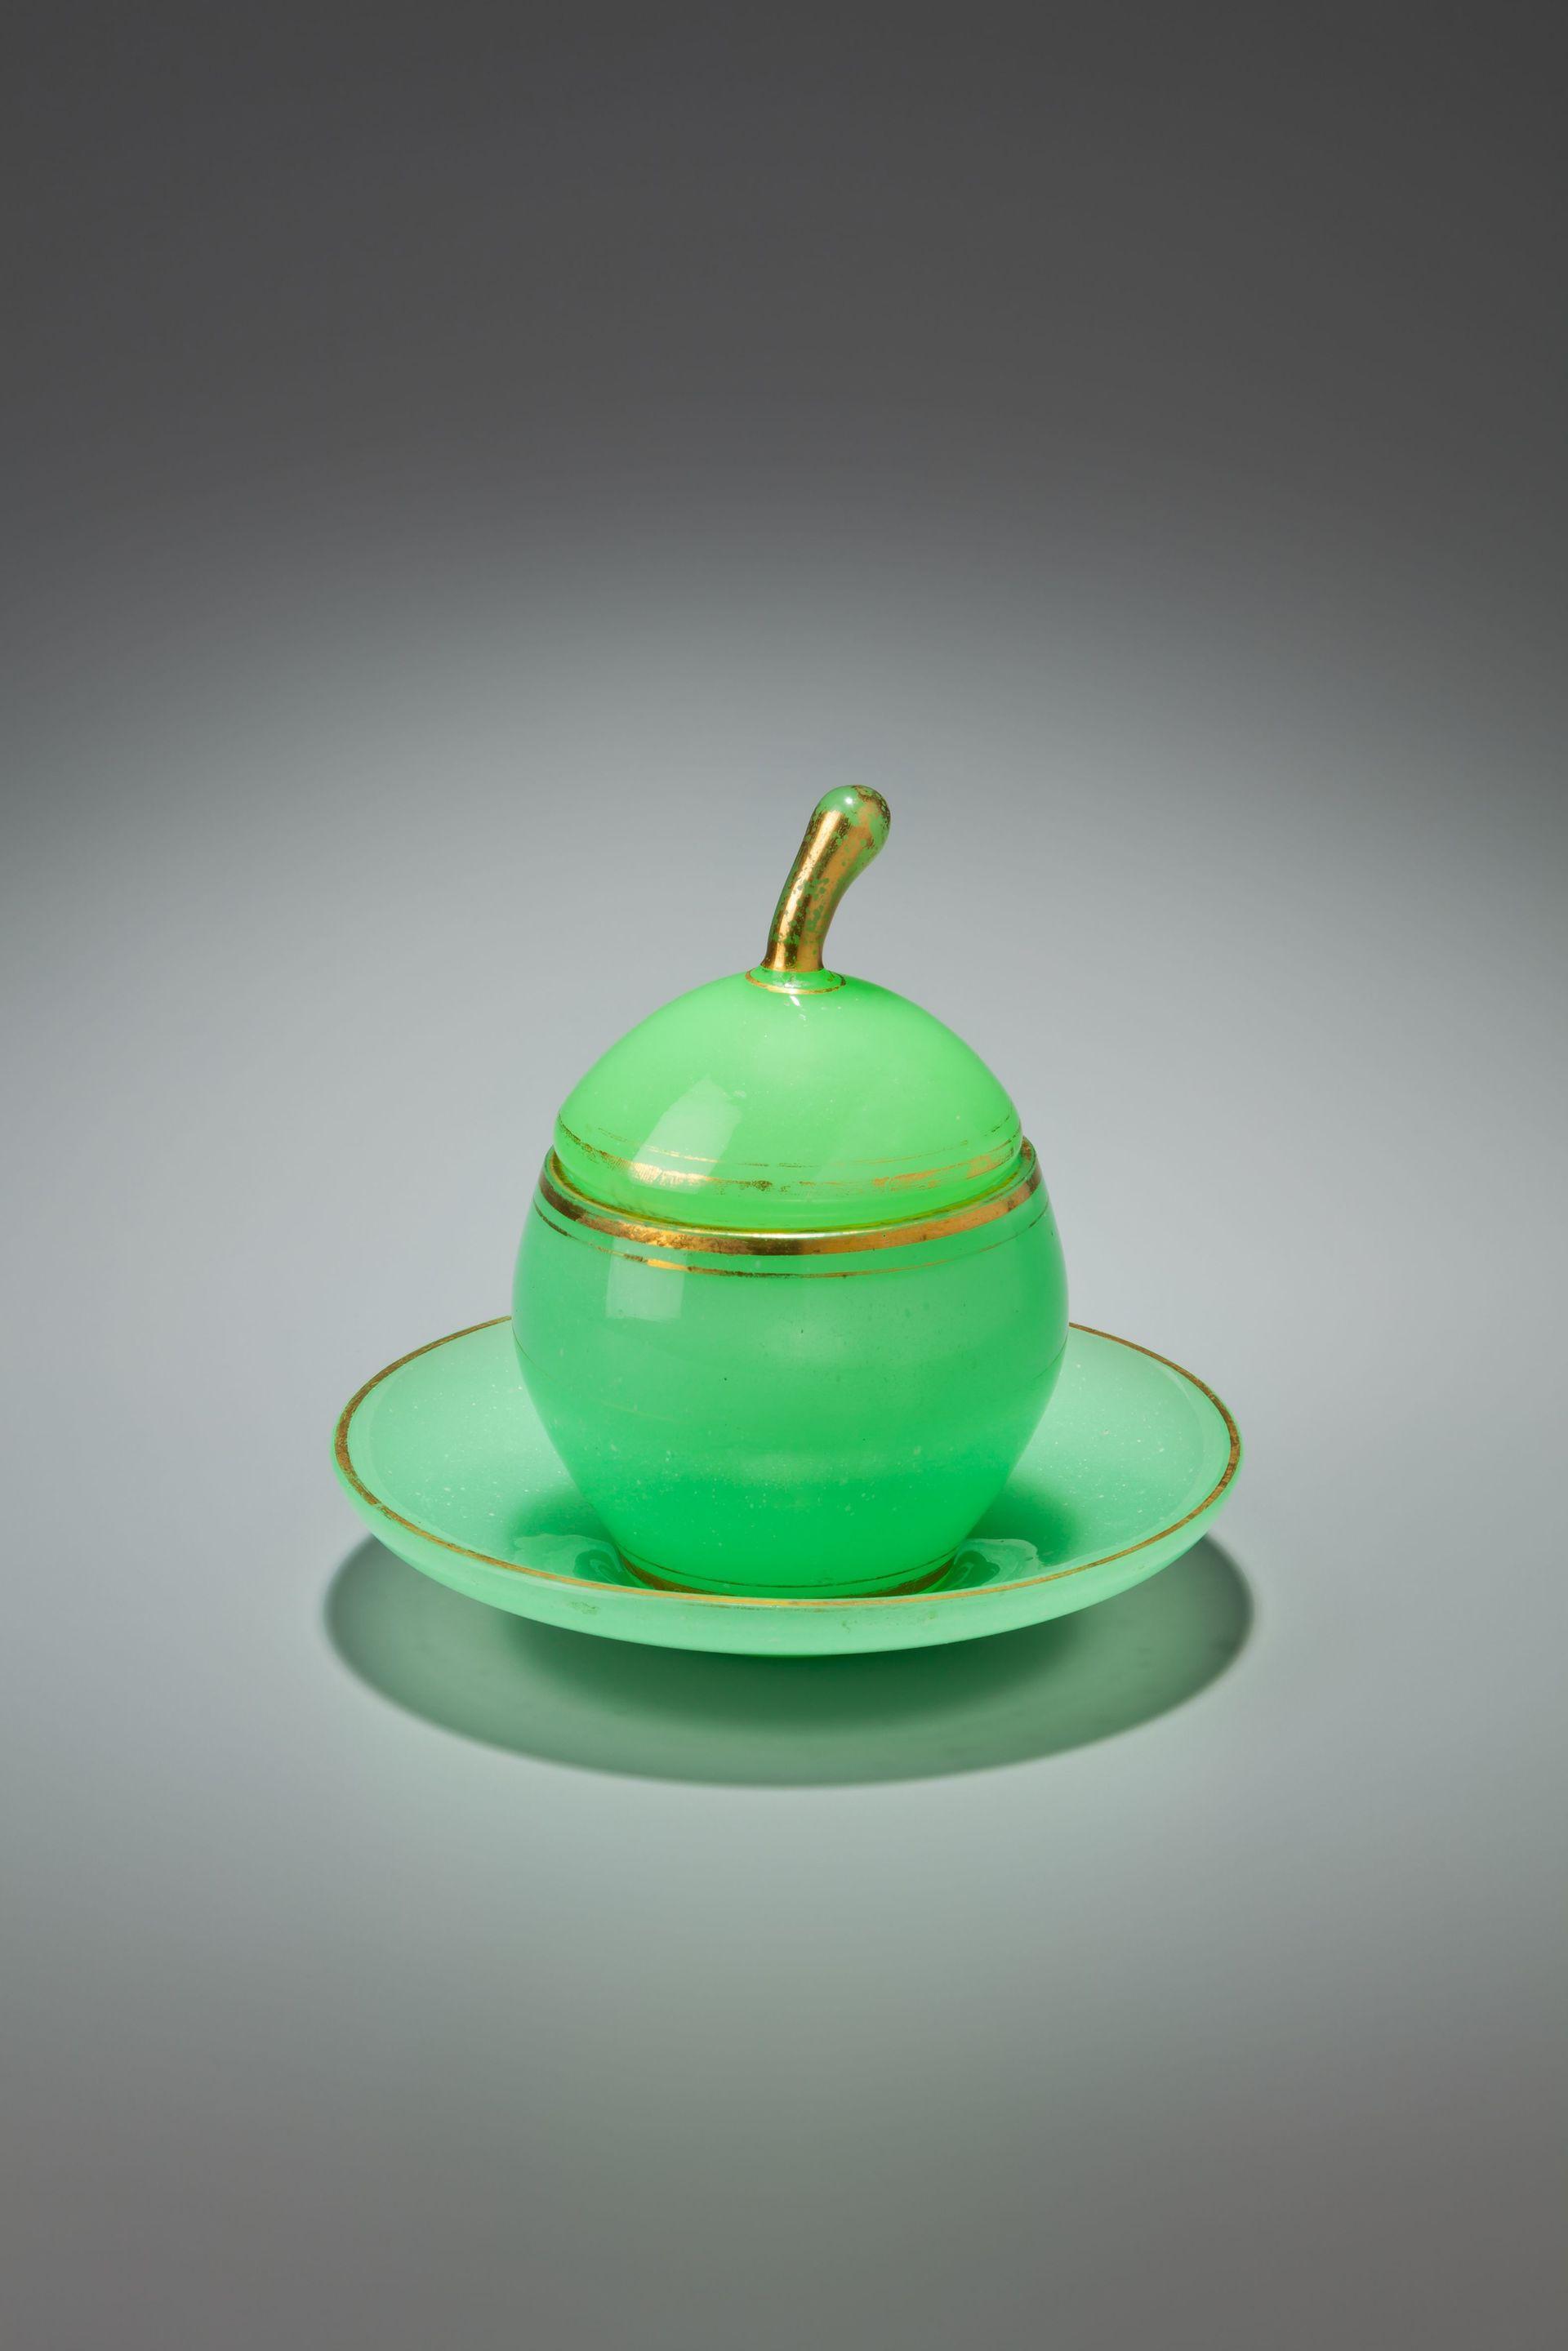 Dóza v podobě jablka, zelené uranové alabastrové sklo se zlatými linkami a zlaceným úchytem, Šumava, pravděpodobně některá ze skláren rodiny Schmidů, Šumava, 40. - 50. léta 19. léta, soukromá